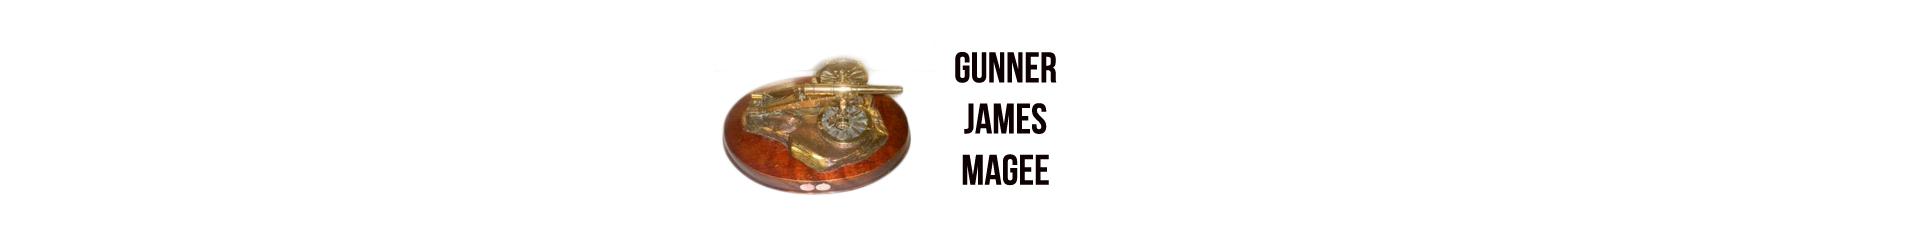 Gunner James Magee